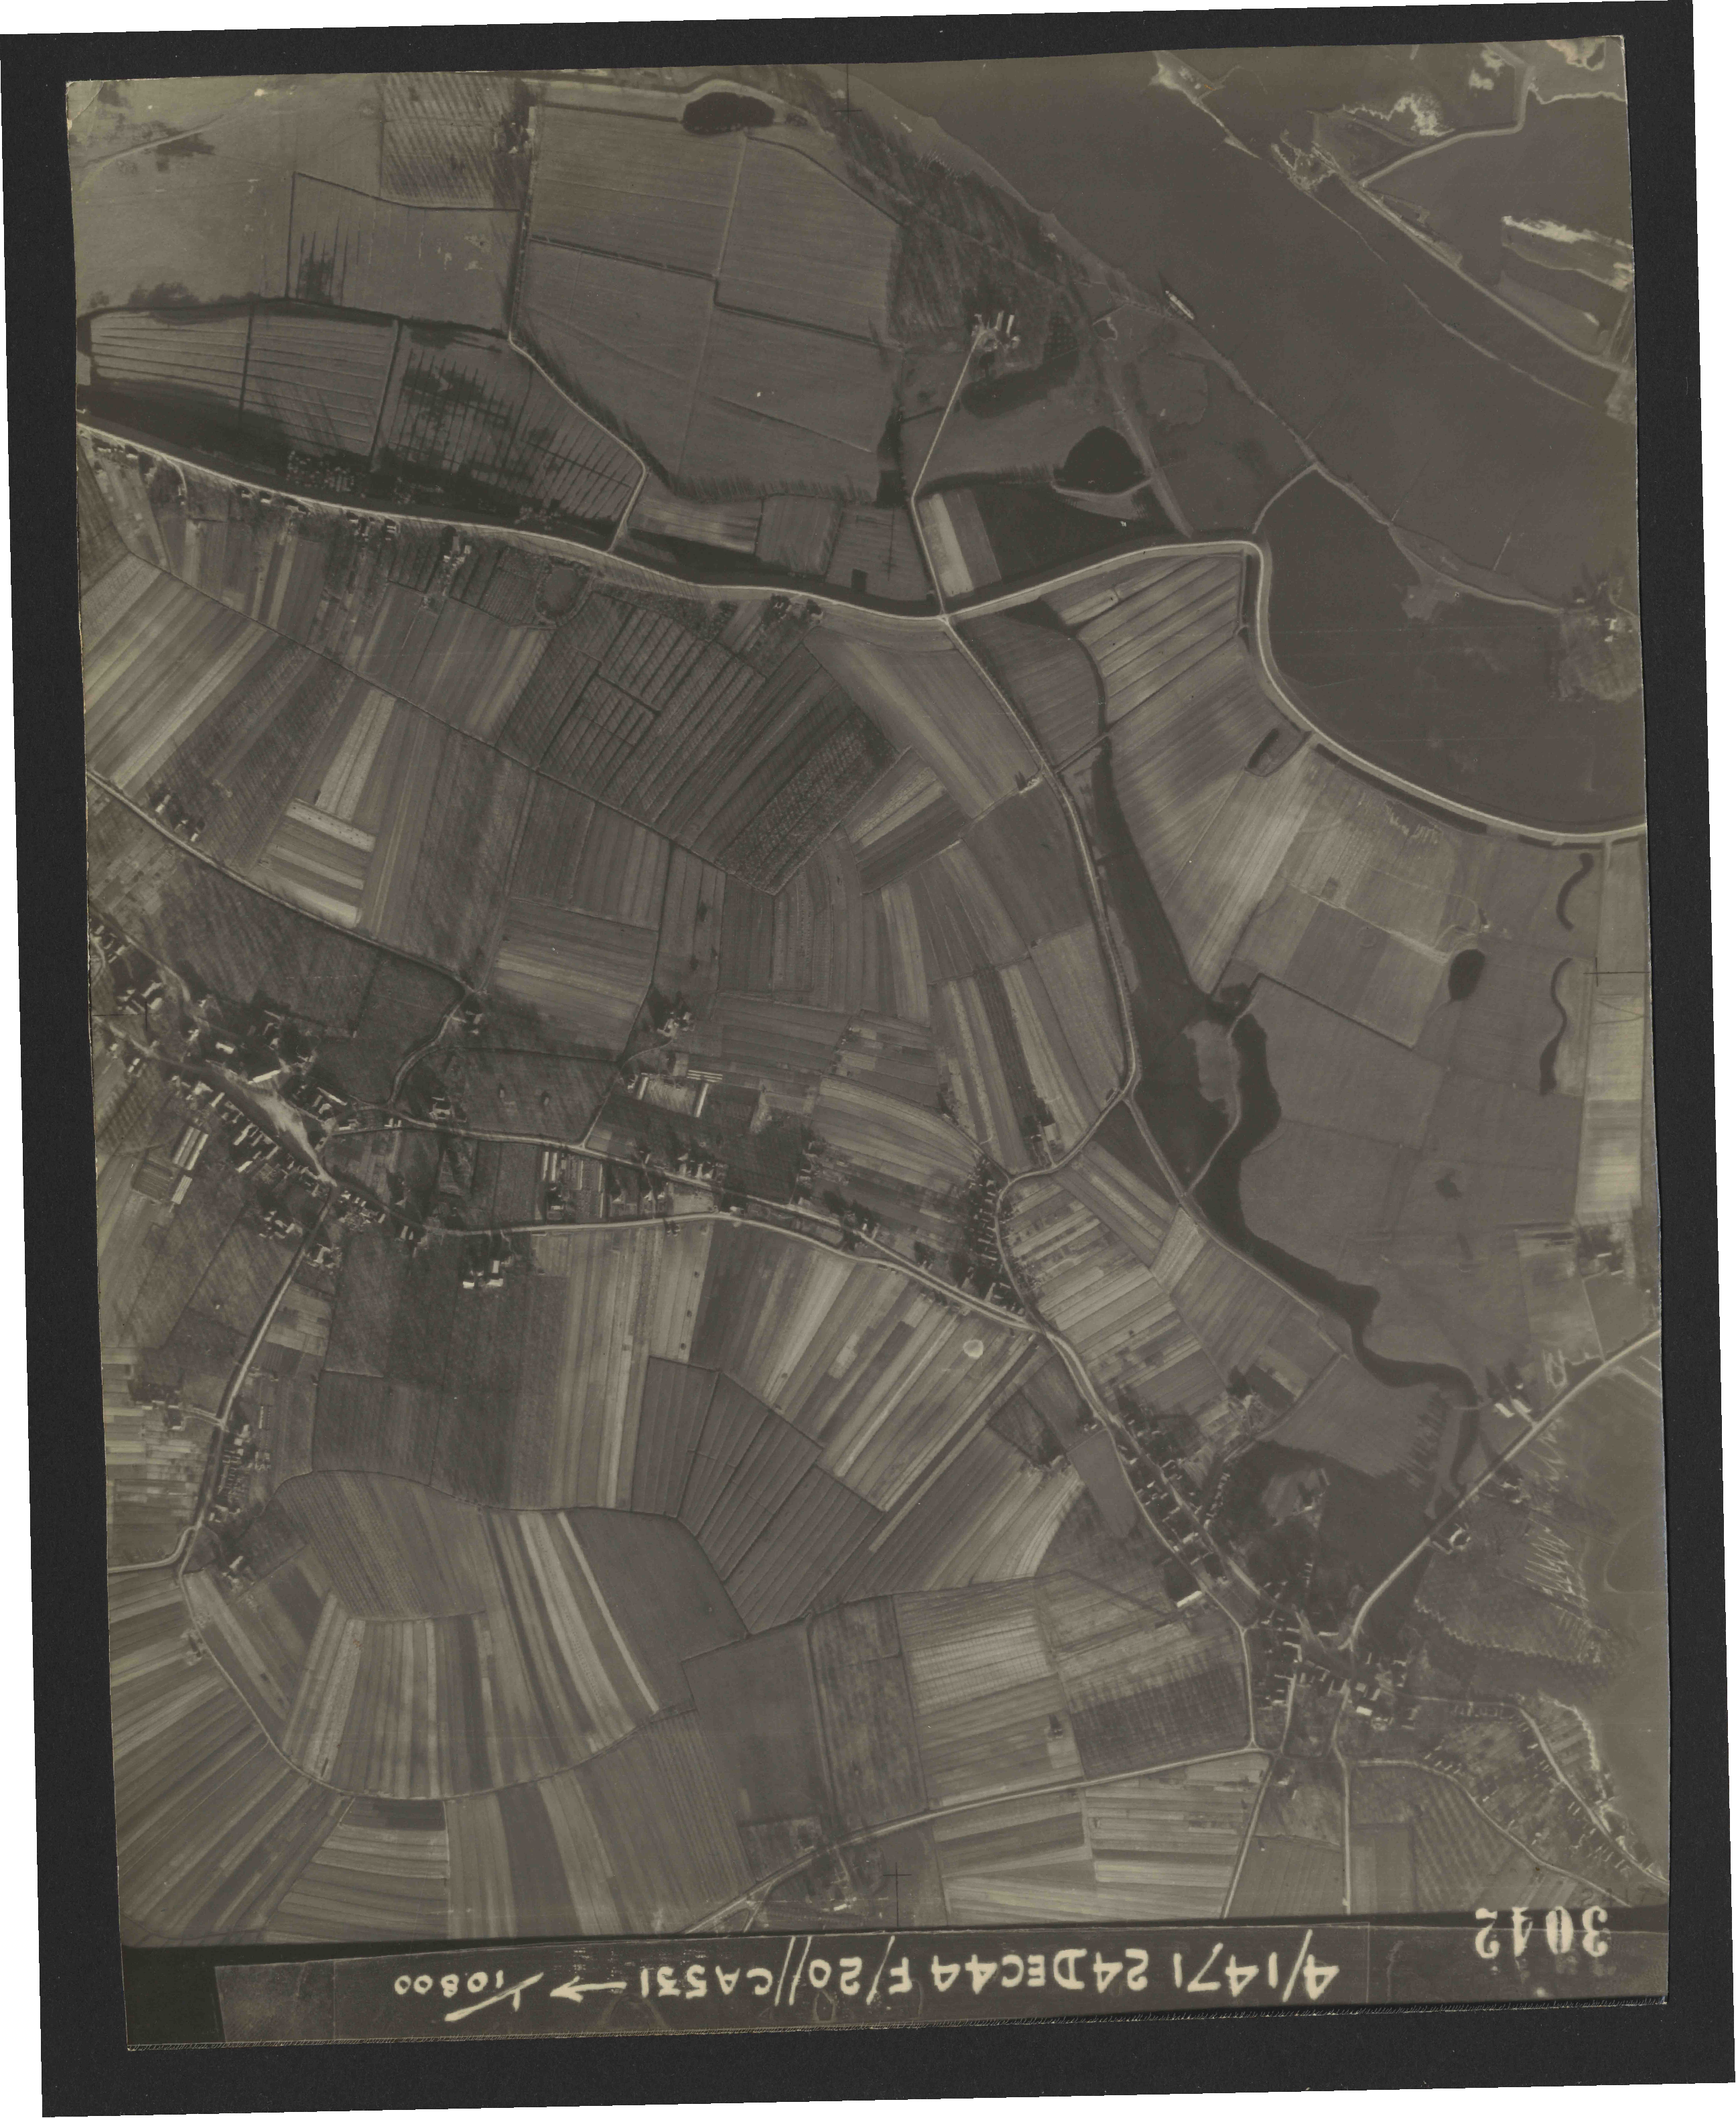 Collection RAF aerial photos 1940-1945 - flight 125, run 06, photo 3042